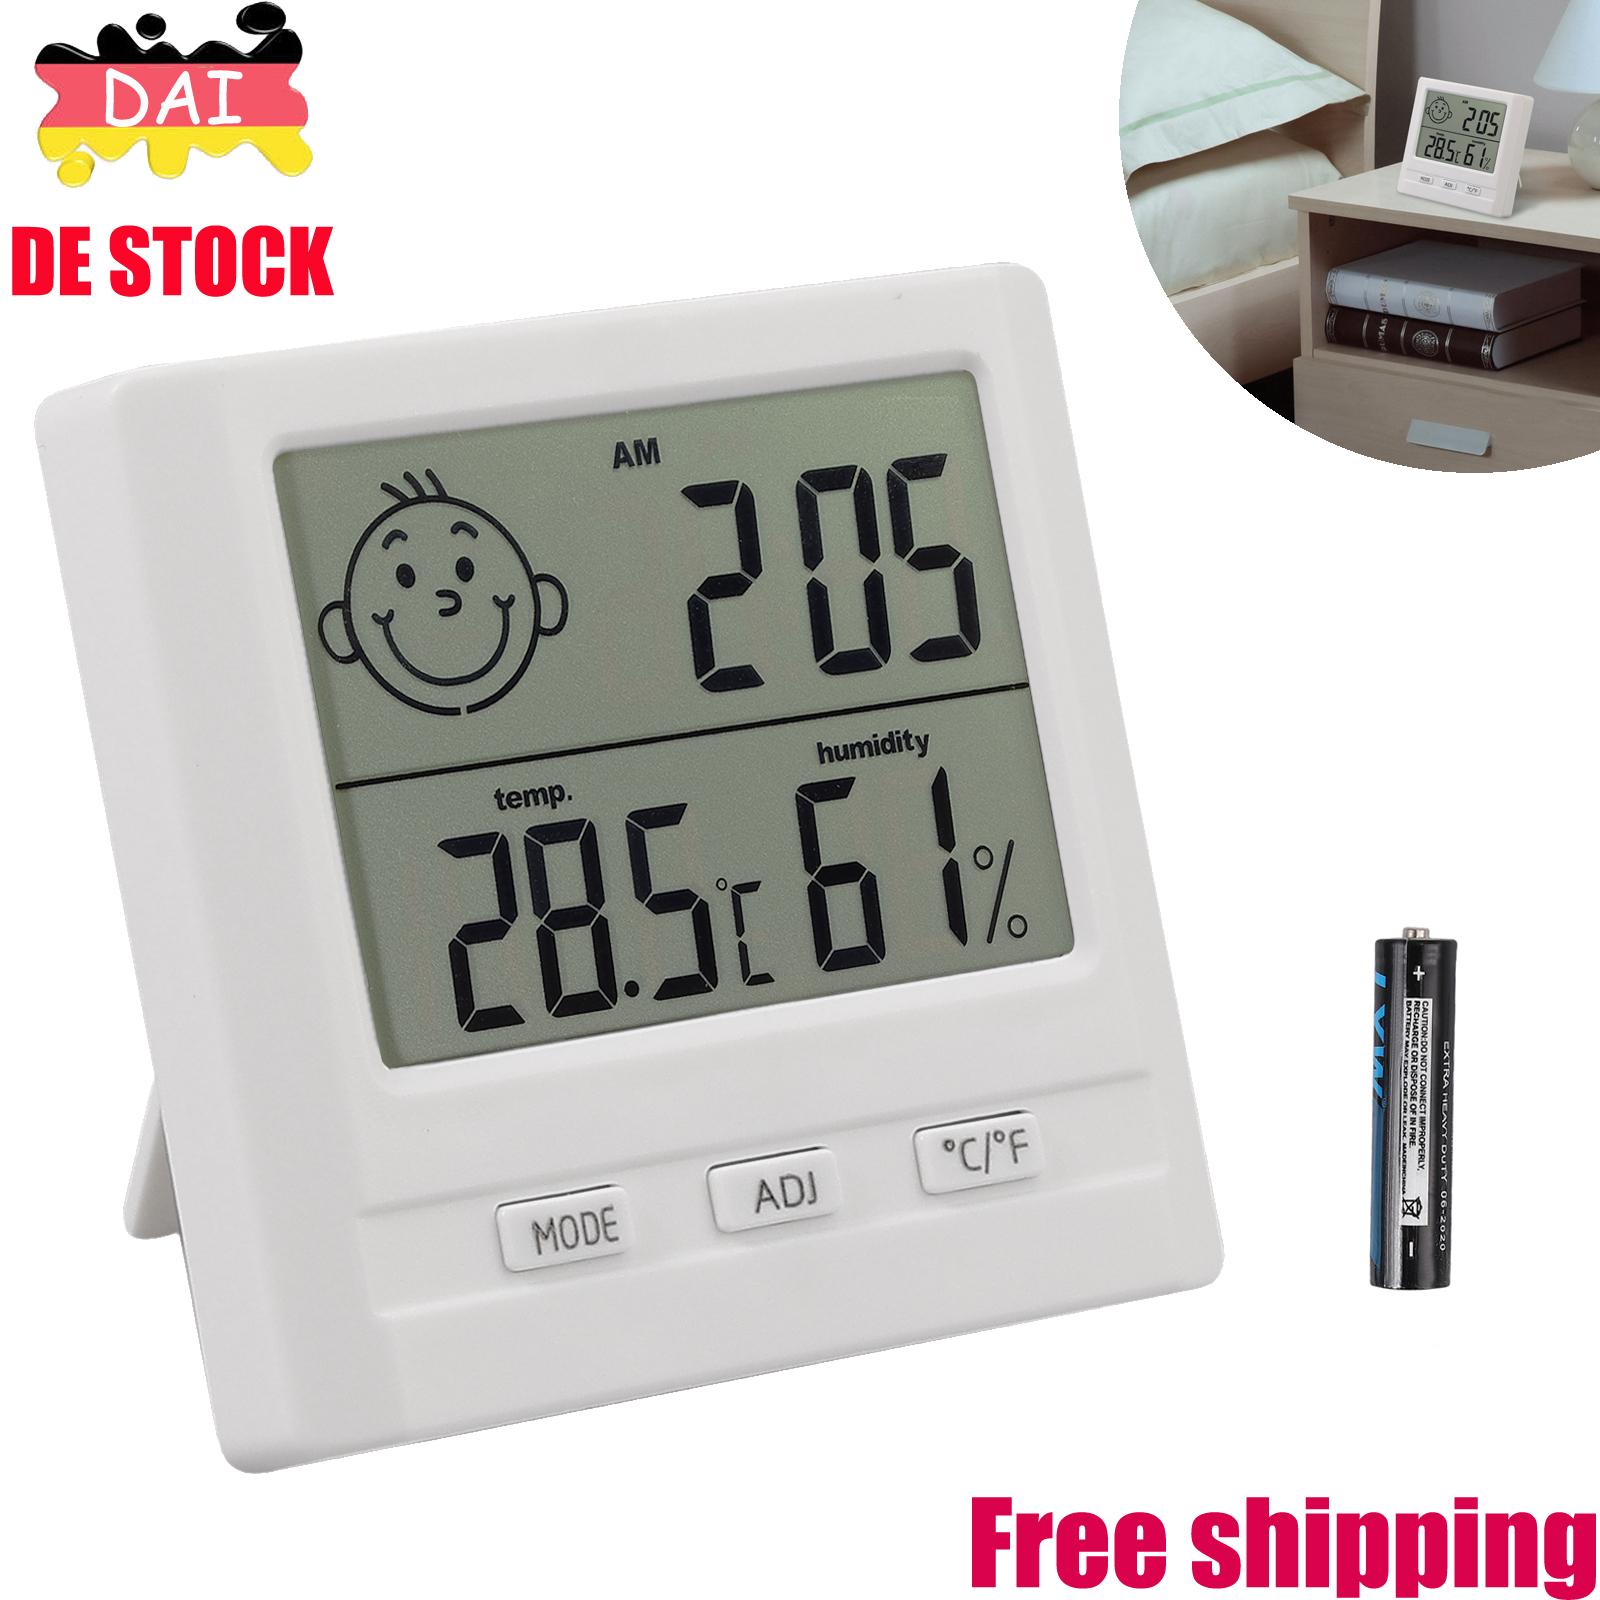 Details zu Digital Thermometer Thermo Hygrometer Temperatur-Feuchte für  Babyraum Wohnzimmer